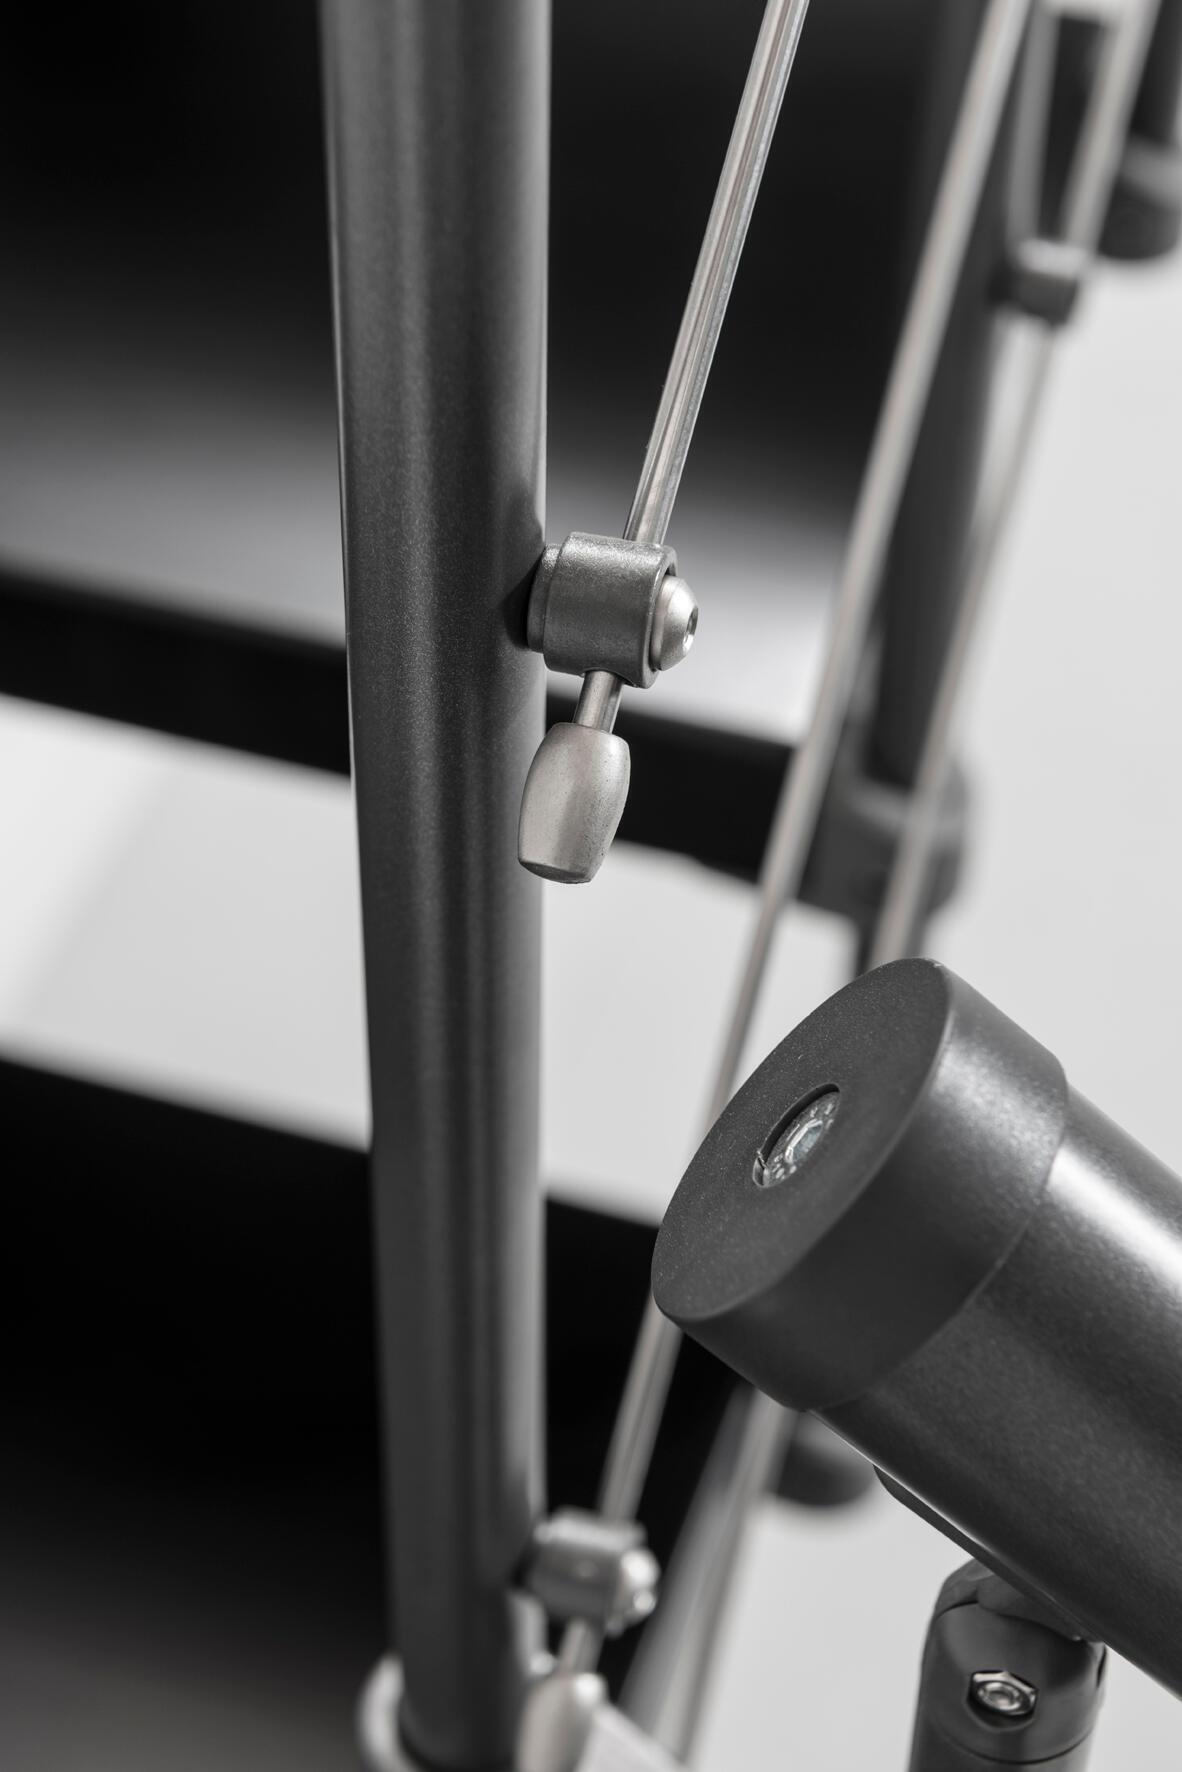 Scala a rampa 1/4 di giro Mas FONTANOT L 85 cm, gradino grigio antracite scuro, struttura antracite - 28